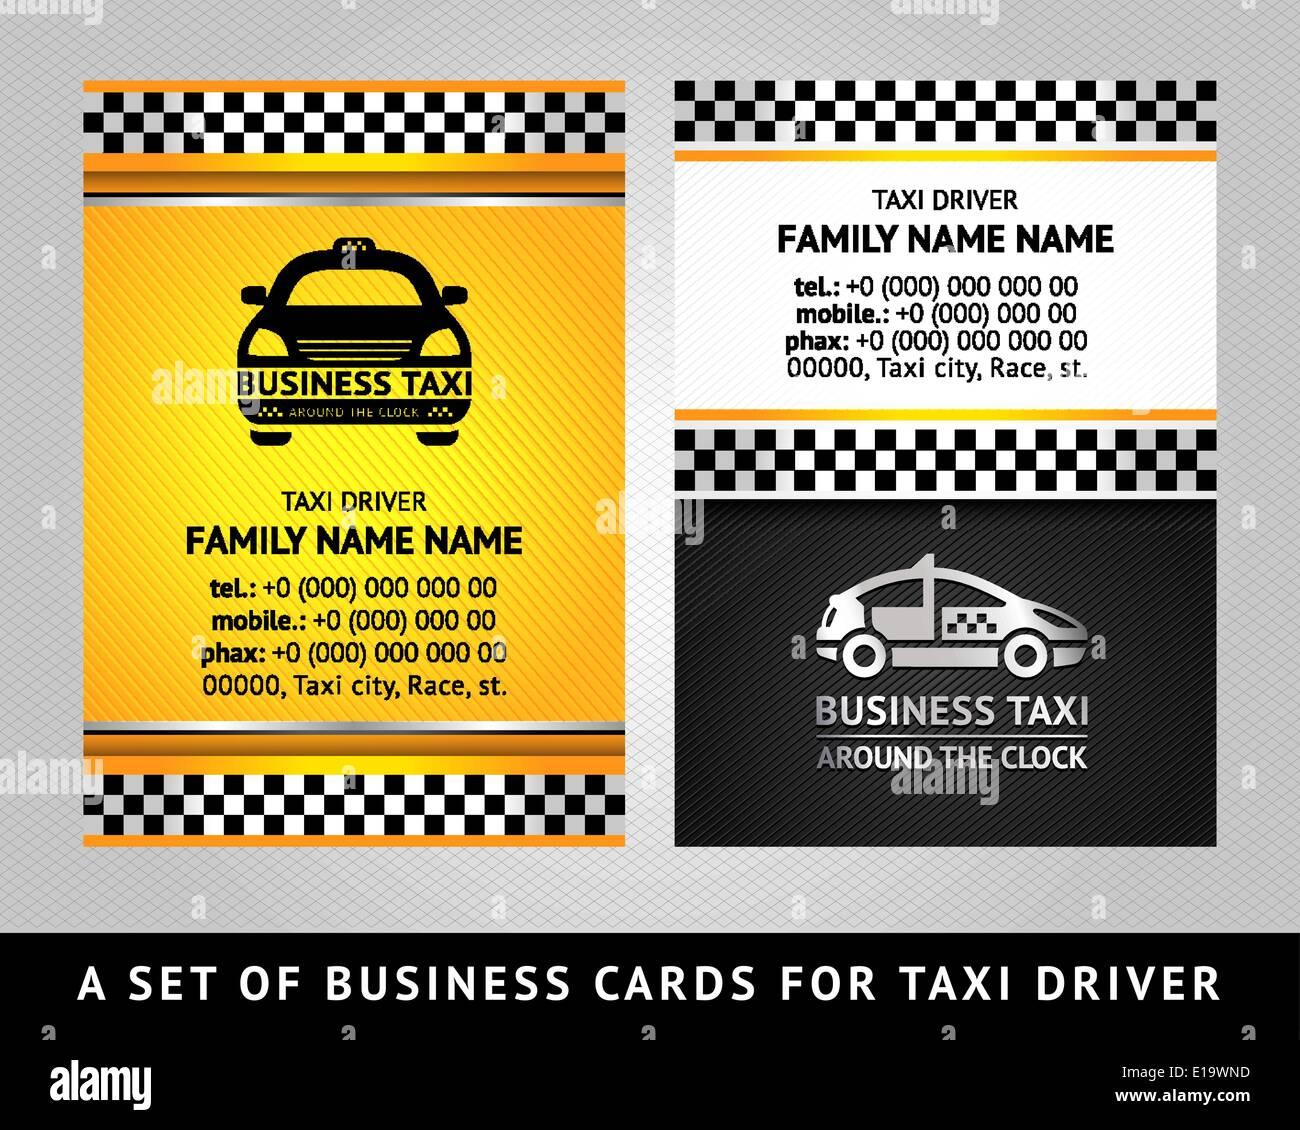 Visitenkarte Taxi Cab Vektor Vorlage 10eps Vektor